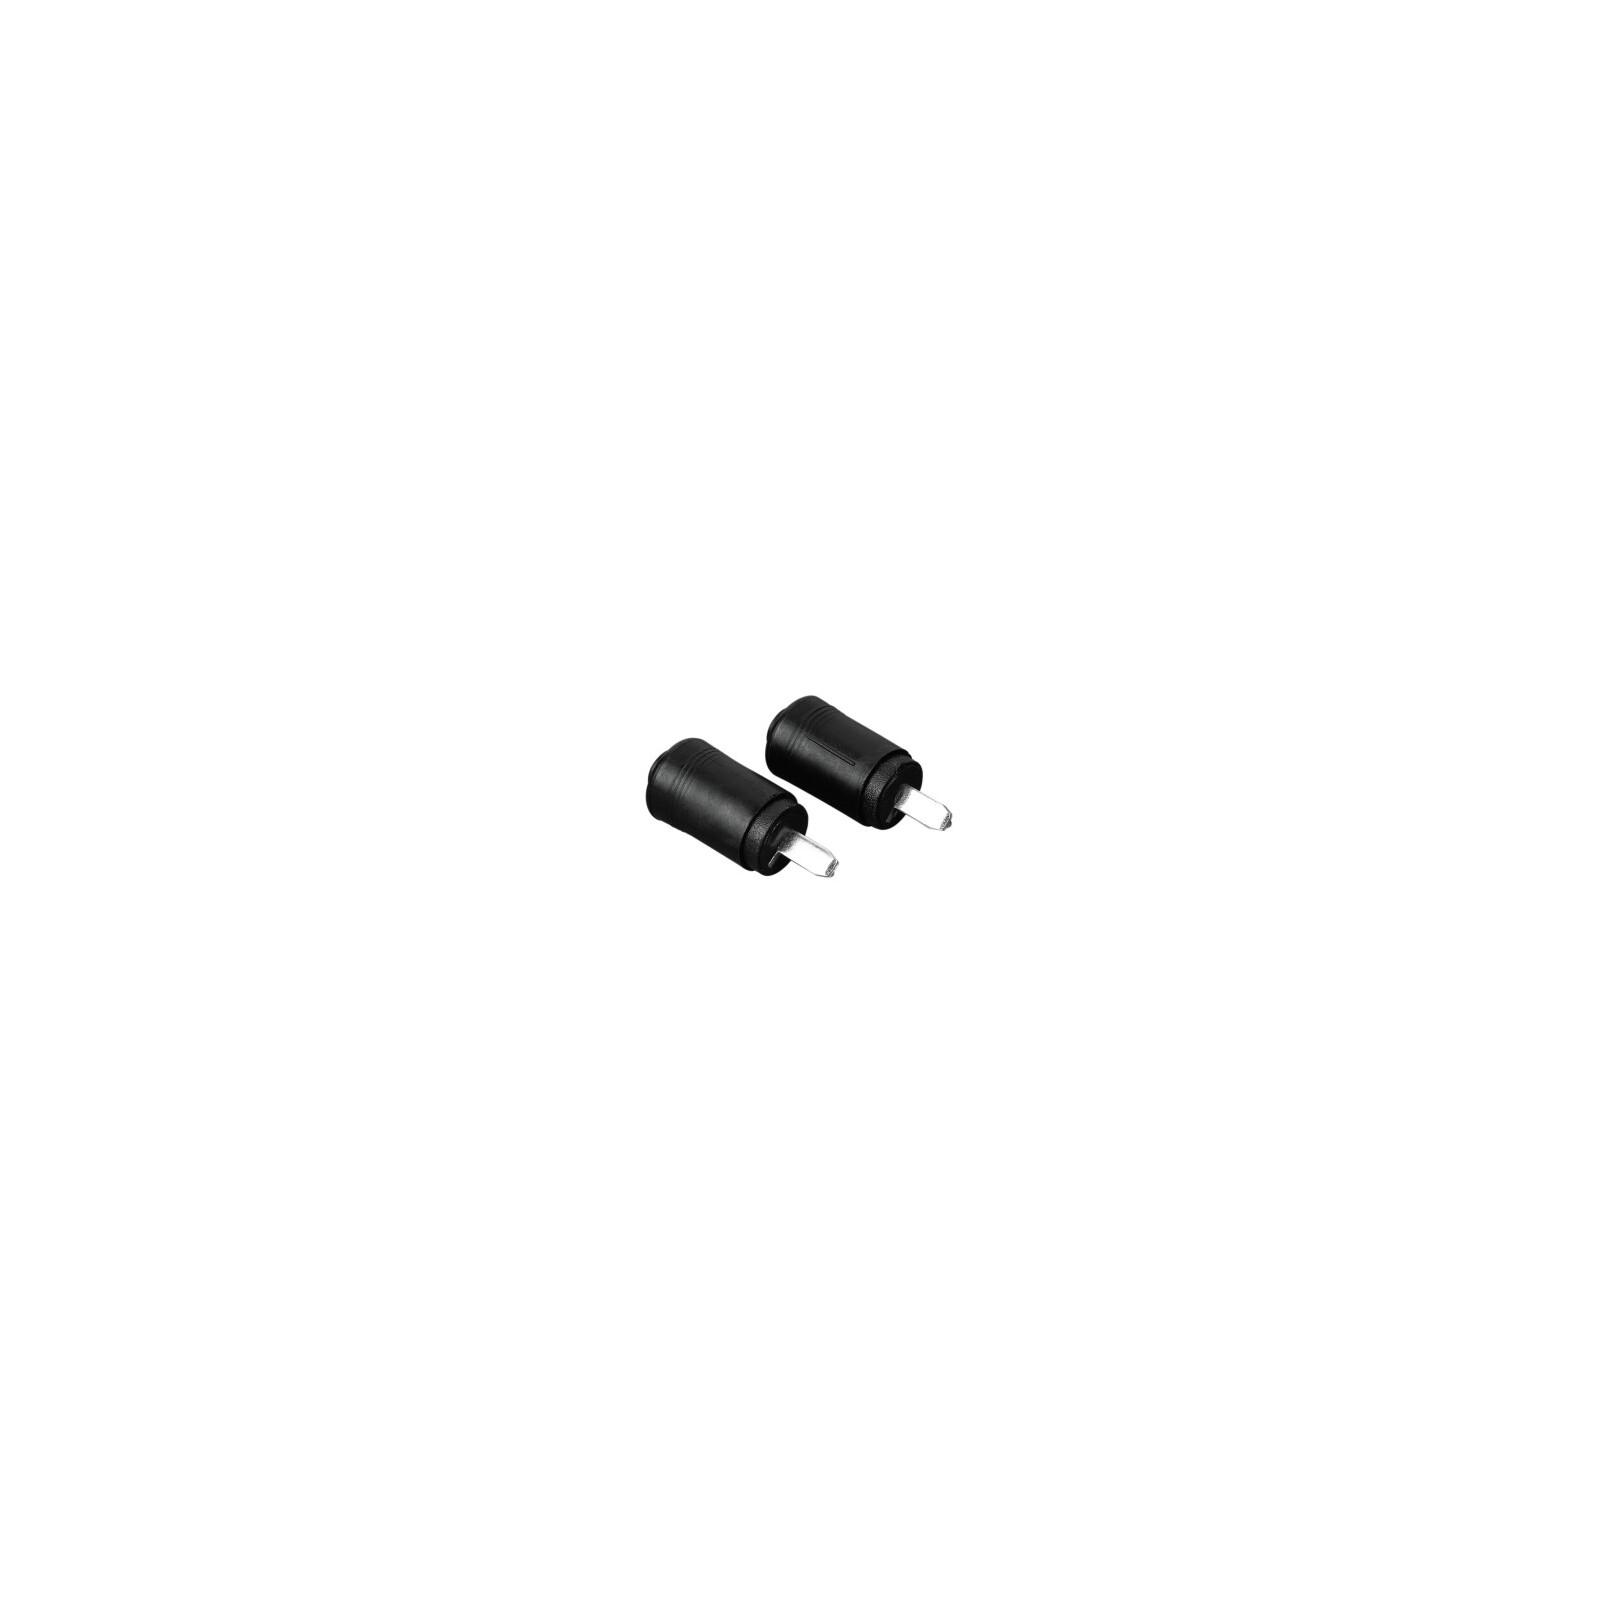 Hama 122398 Lautsprecherstecker schraubbar